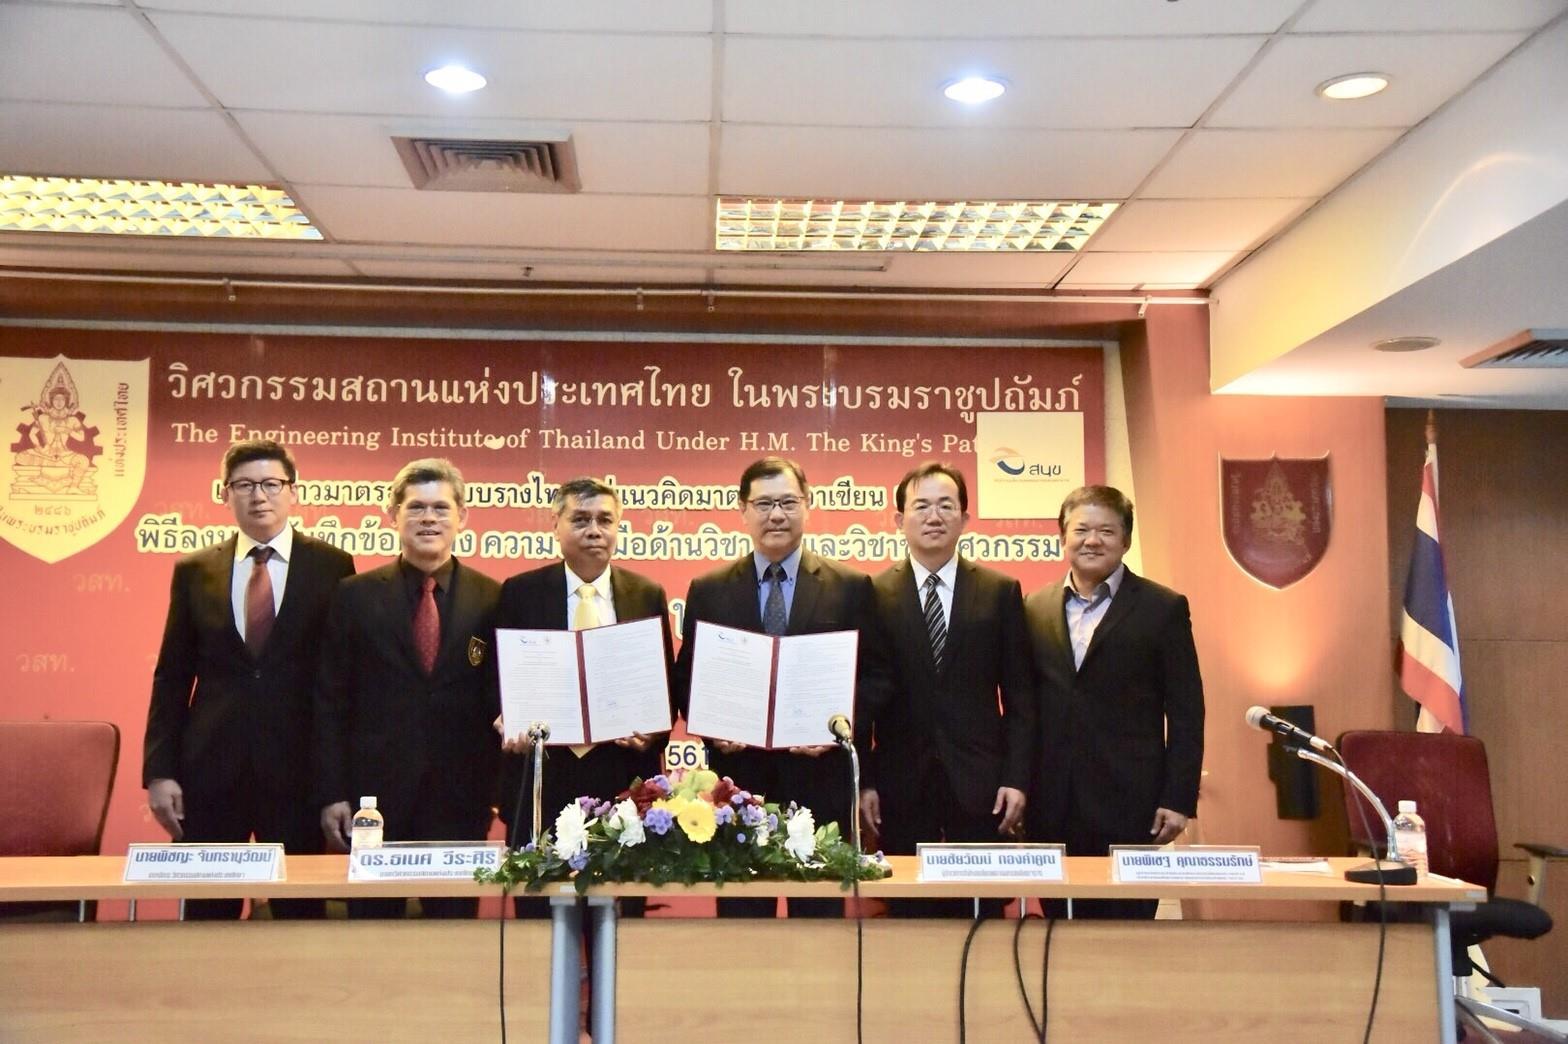 สนข. และ วิศวกรรมสถานแห่งประเทศไทยฯ ผนึกความร่วมมือพัฒนามาตรฐานระบบรางไทย..สร้างมาตรฐานระบบรางอาเซียนในอนาคต